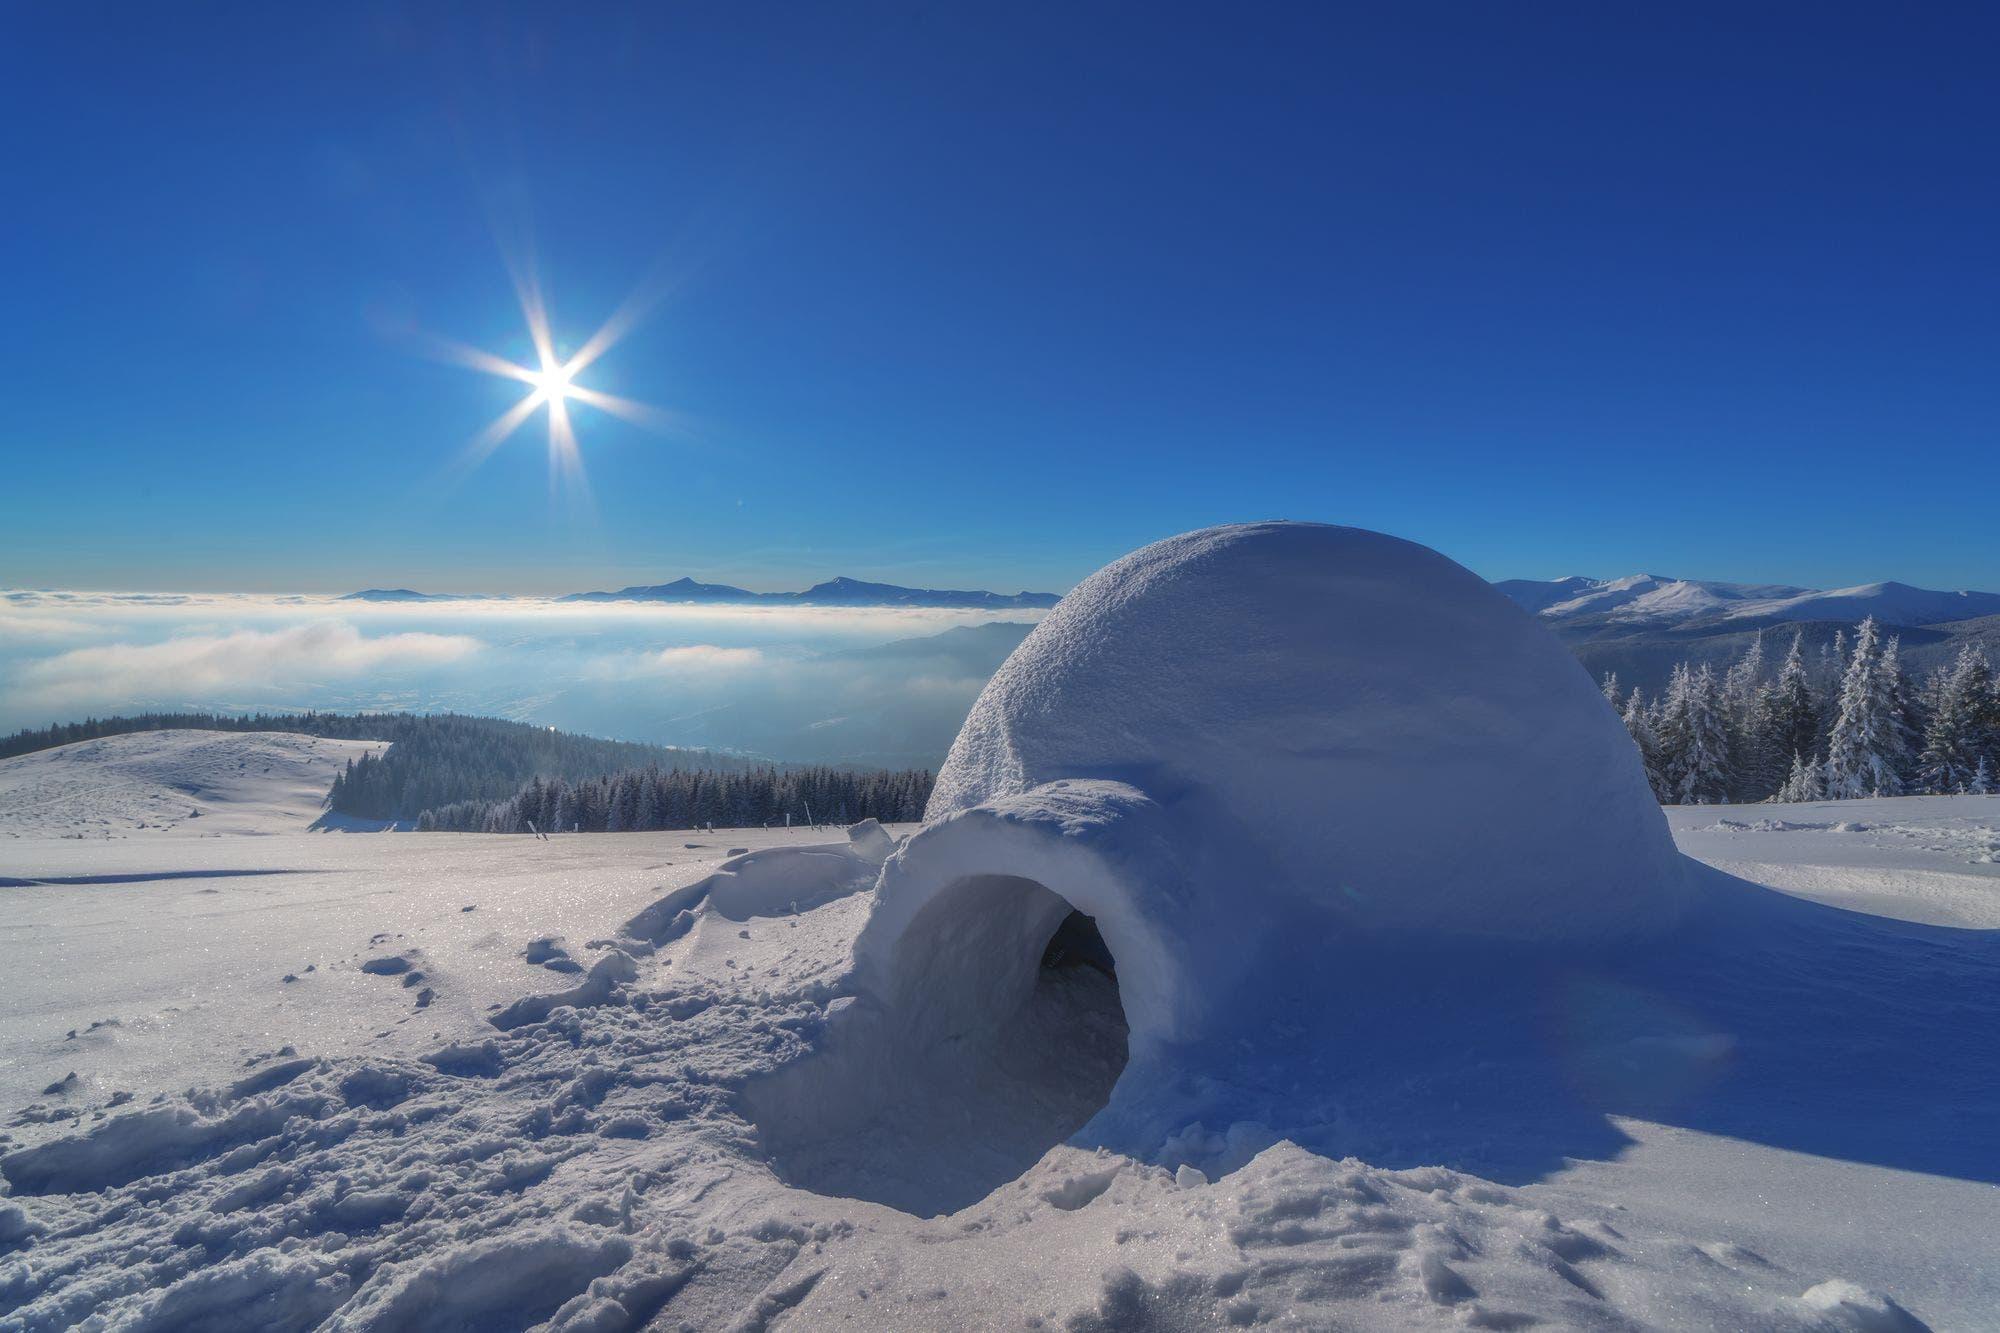 Por qué los inuits siguen construyendo iglús (y cómo lo hacen)